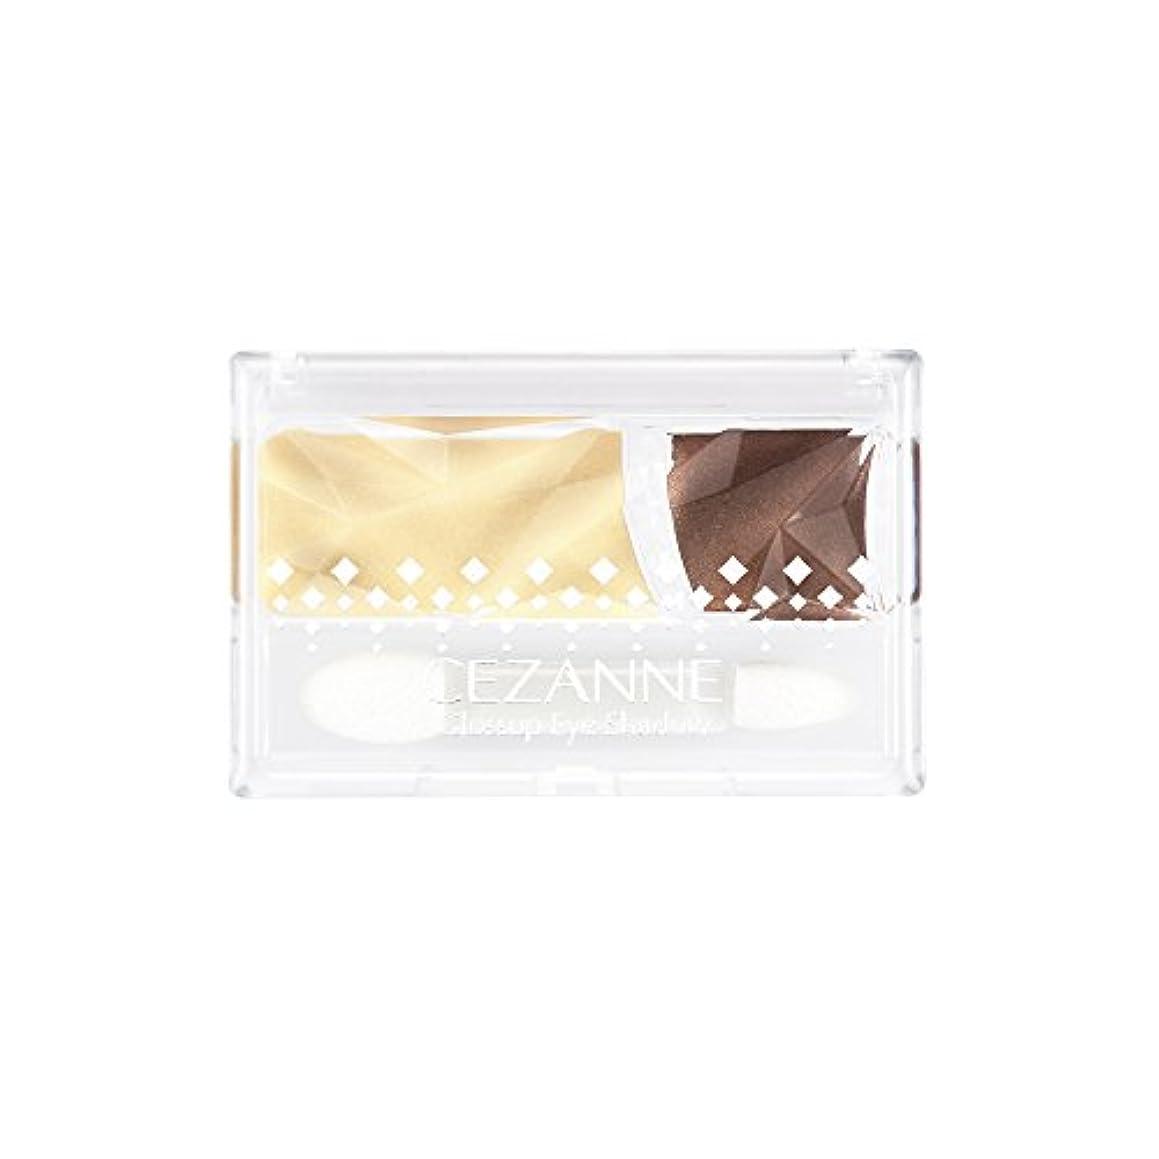 マラドロイト親密な険しいセザンヌ グロスアップアイシャドウ 01 ゴールドブラウン 2.4g